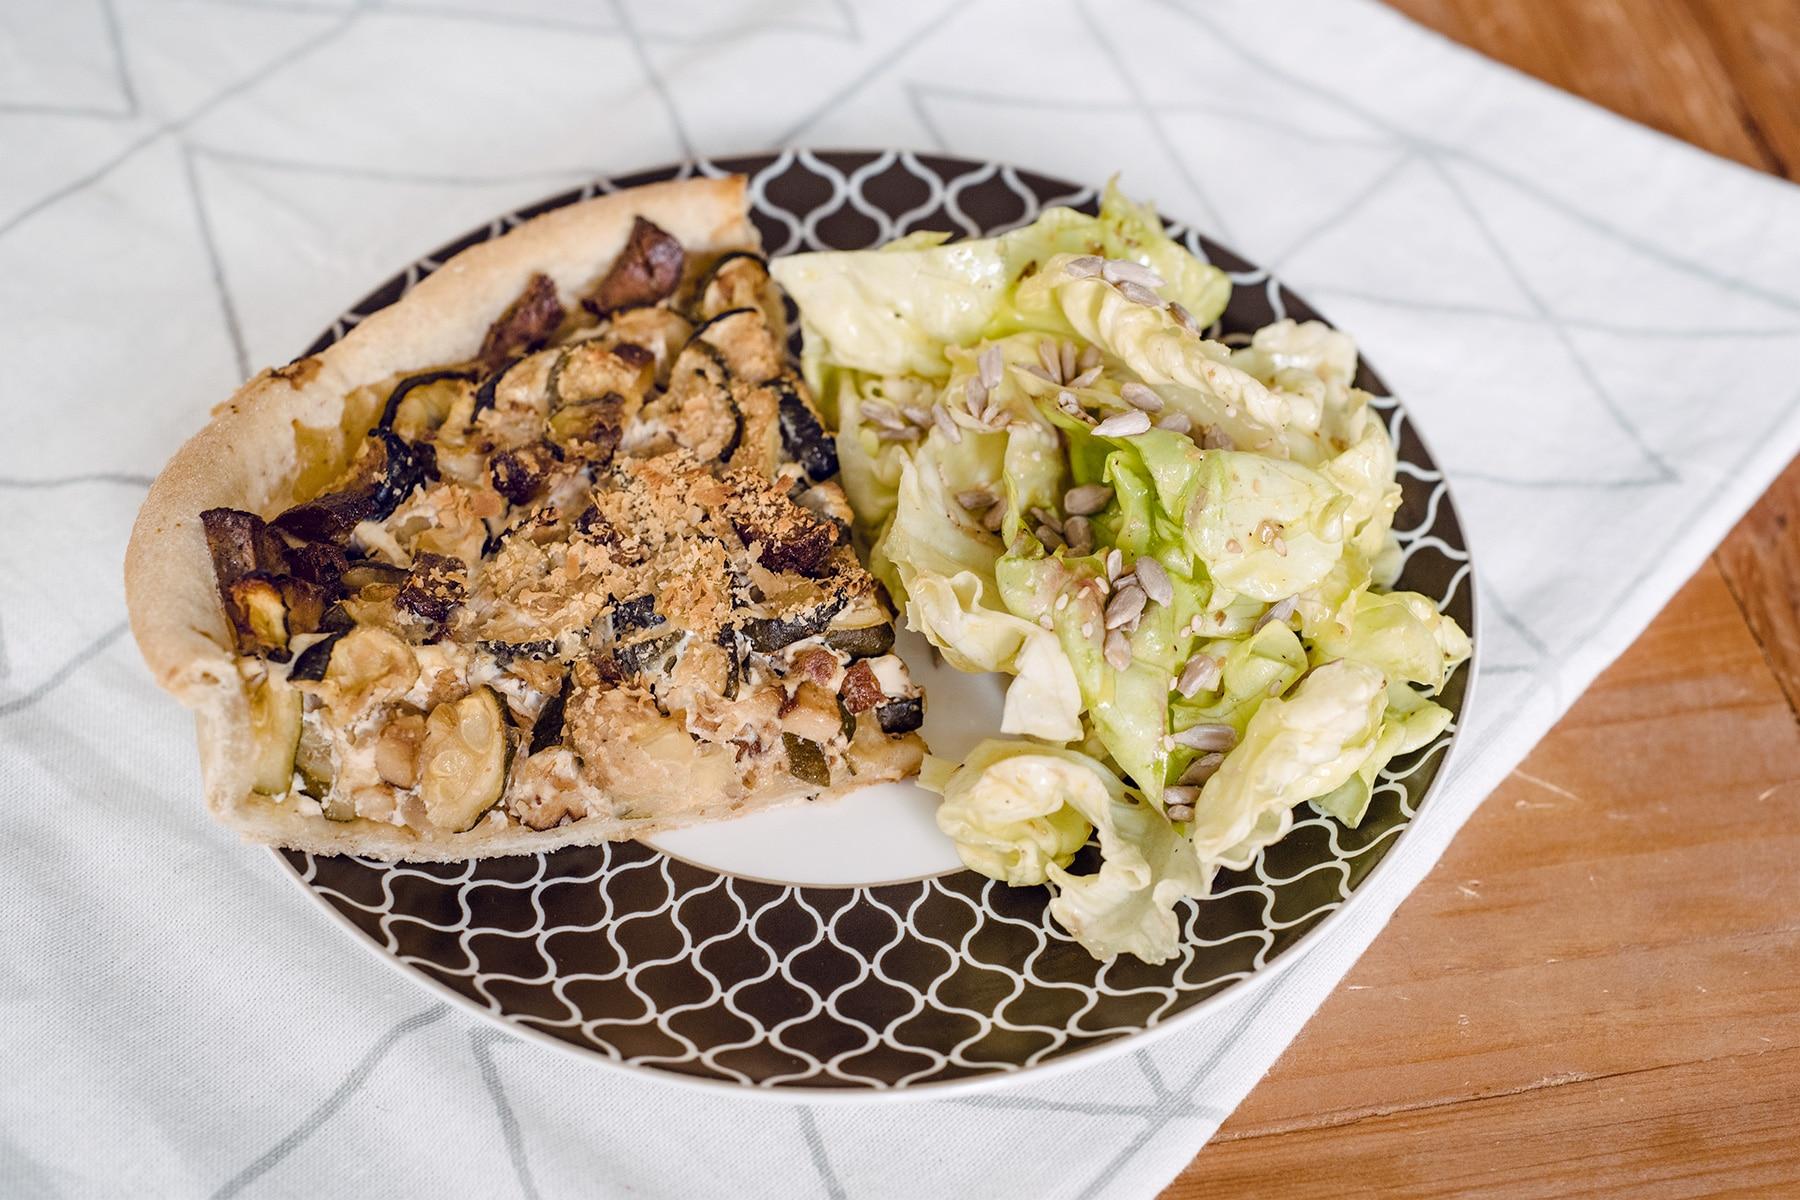 Tarte salée végétalienne aux courgettes et lardons de tofu fumé